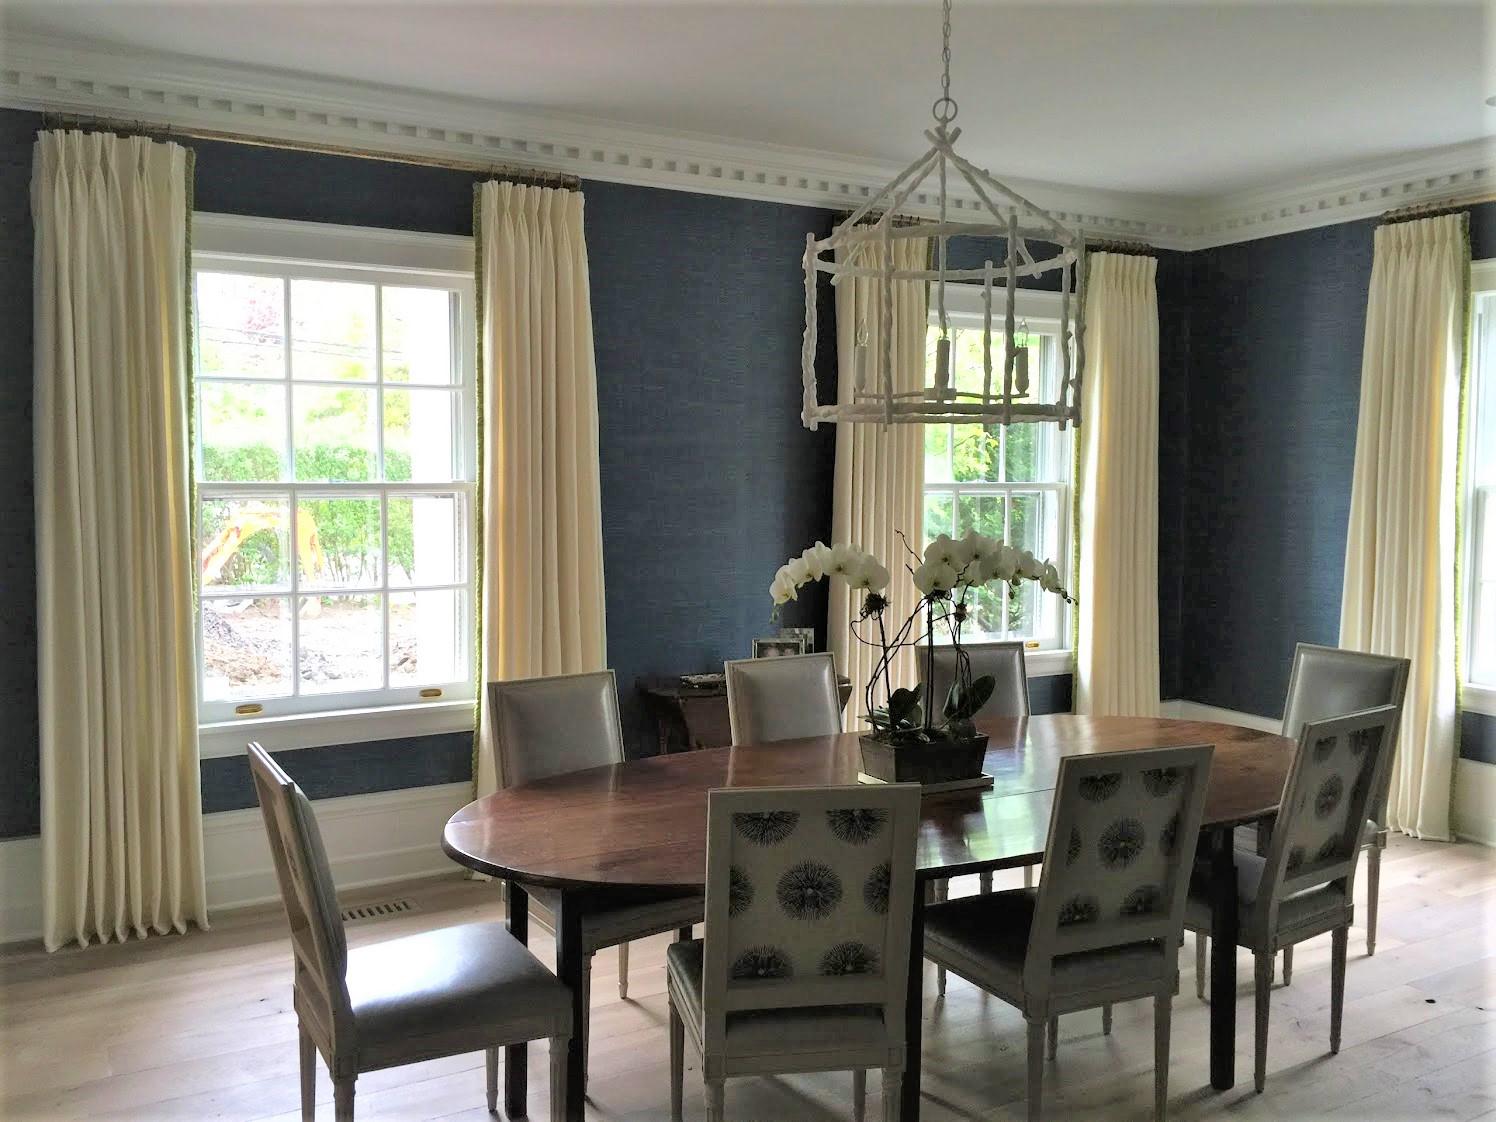 Dining-room-panels.jpg